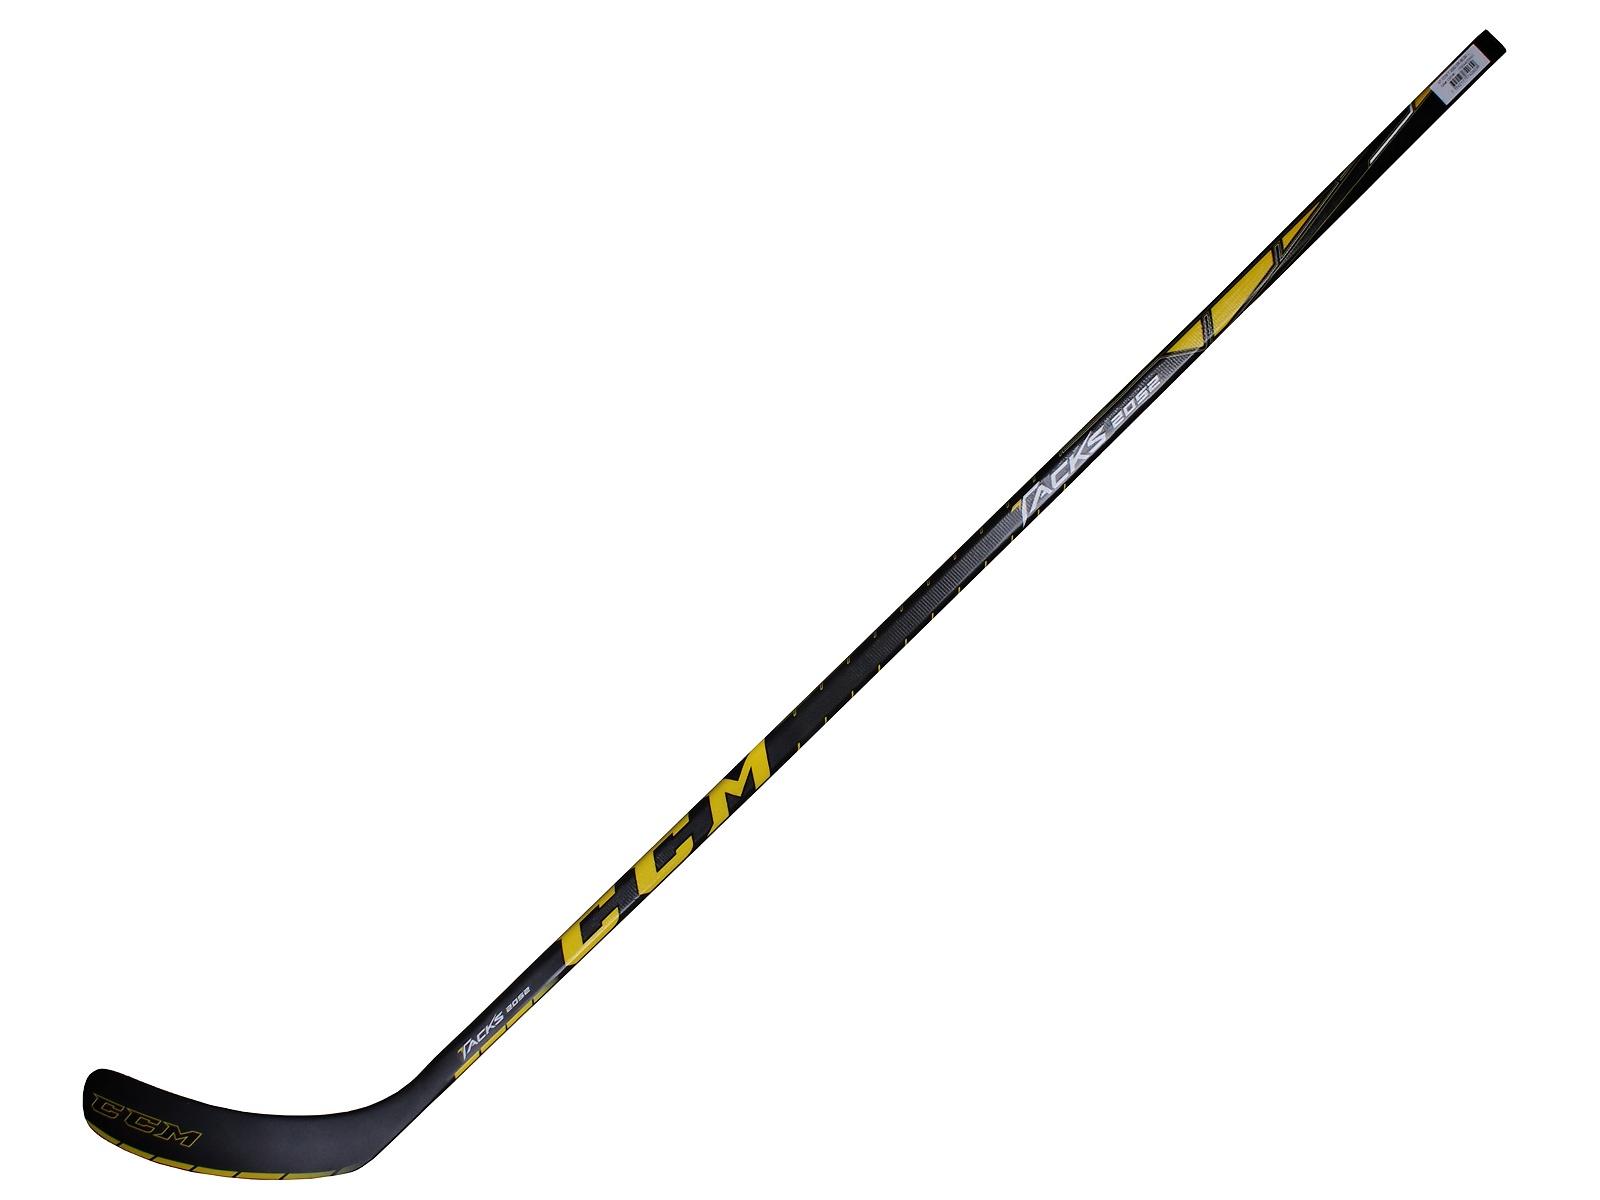 Hokejka CCM Tacks 2052 G kompozit, flex 65 - RH 29